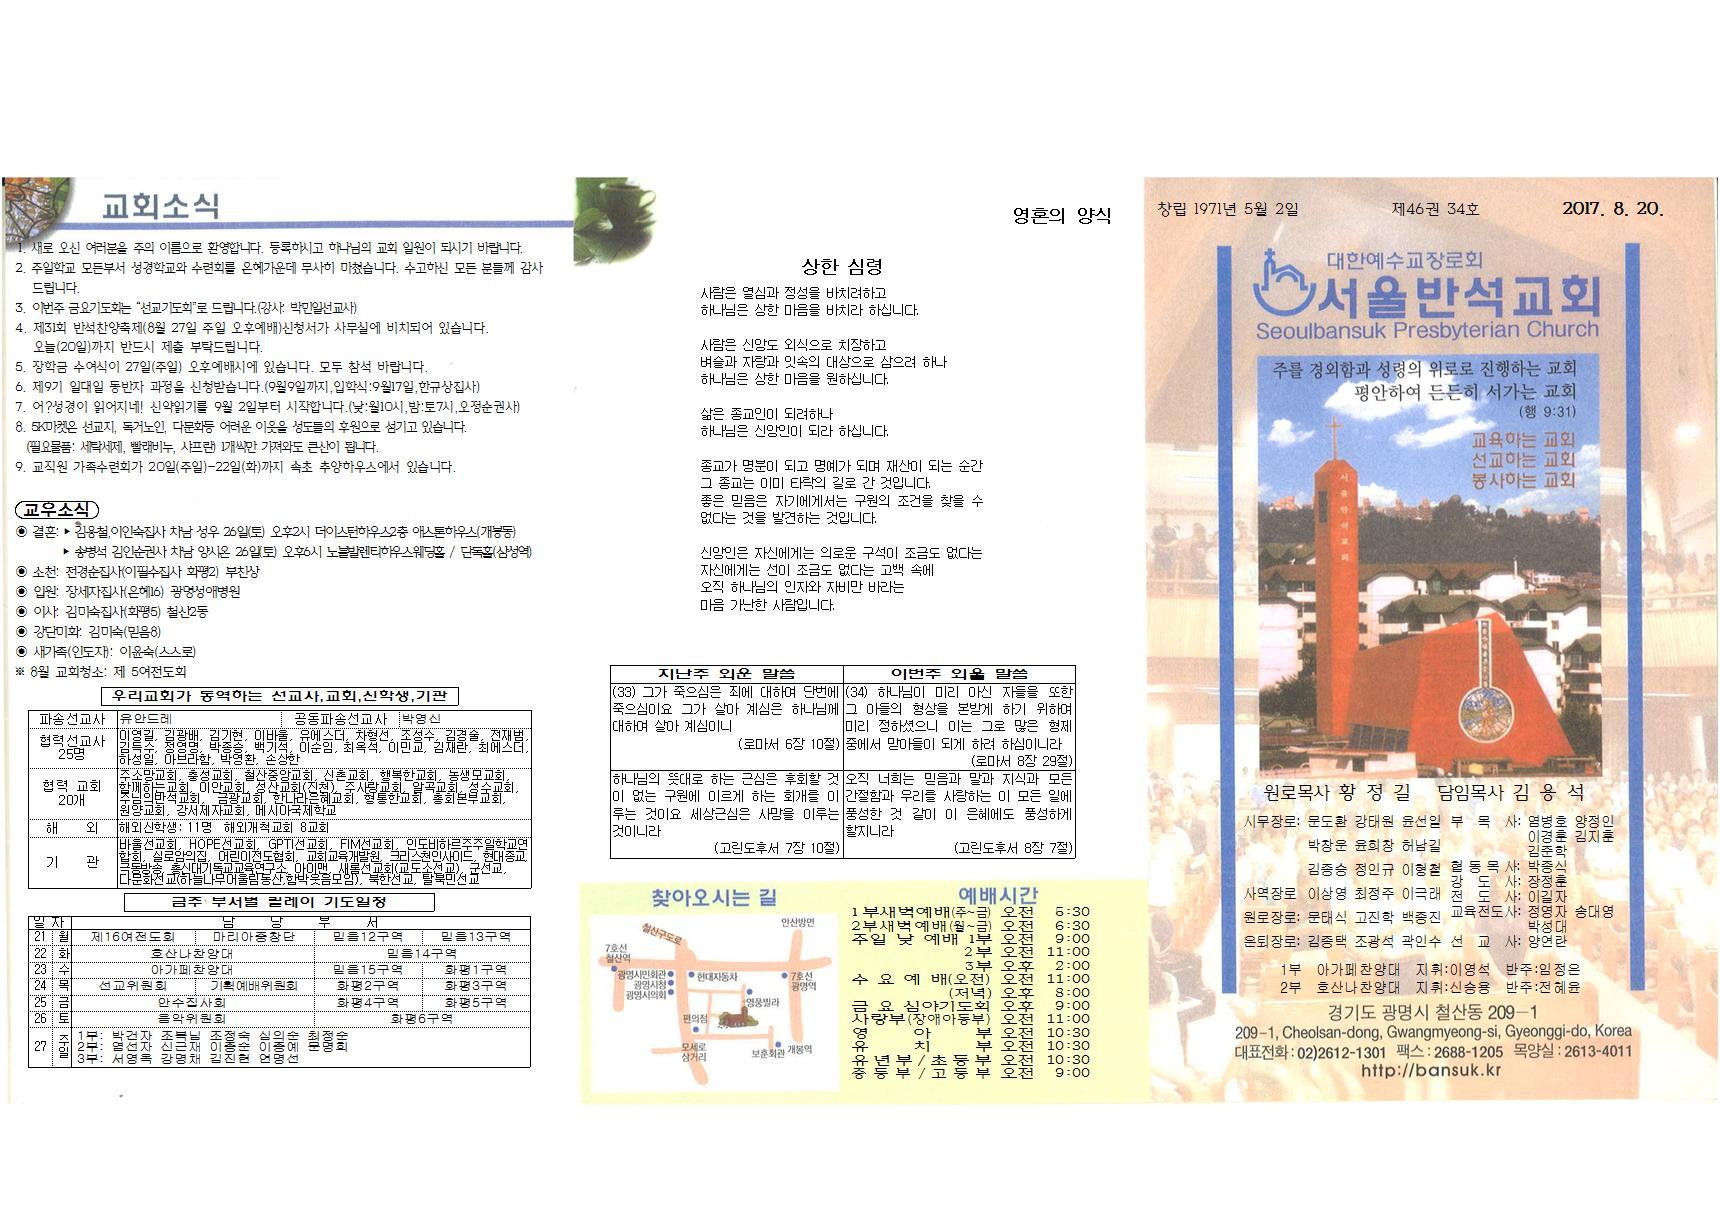 주보 제46권 34호(2017.08.20)